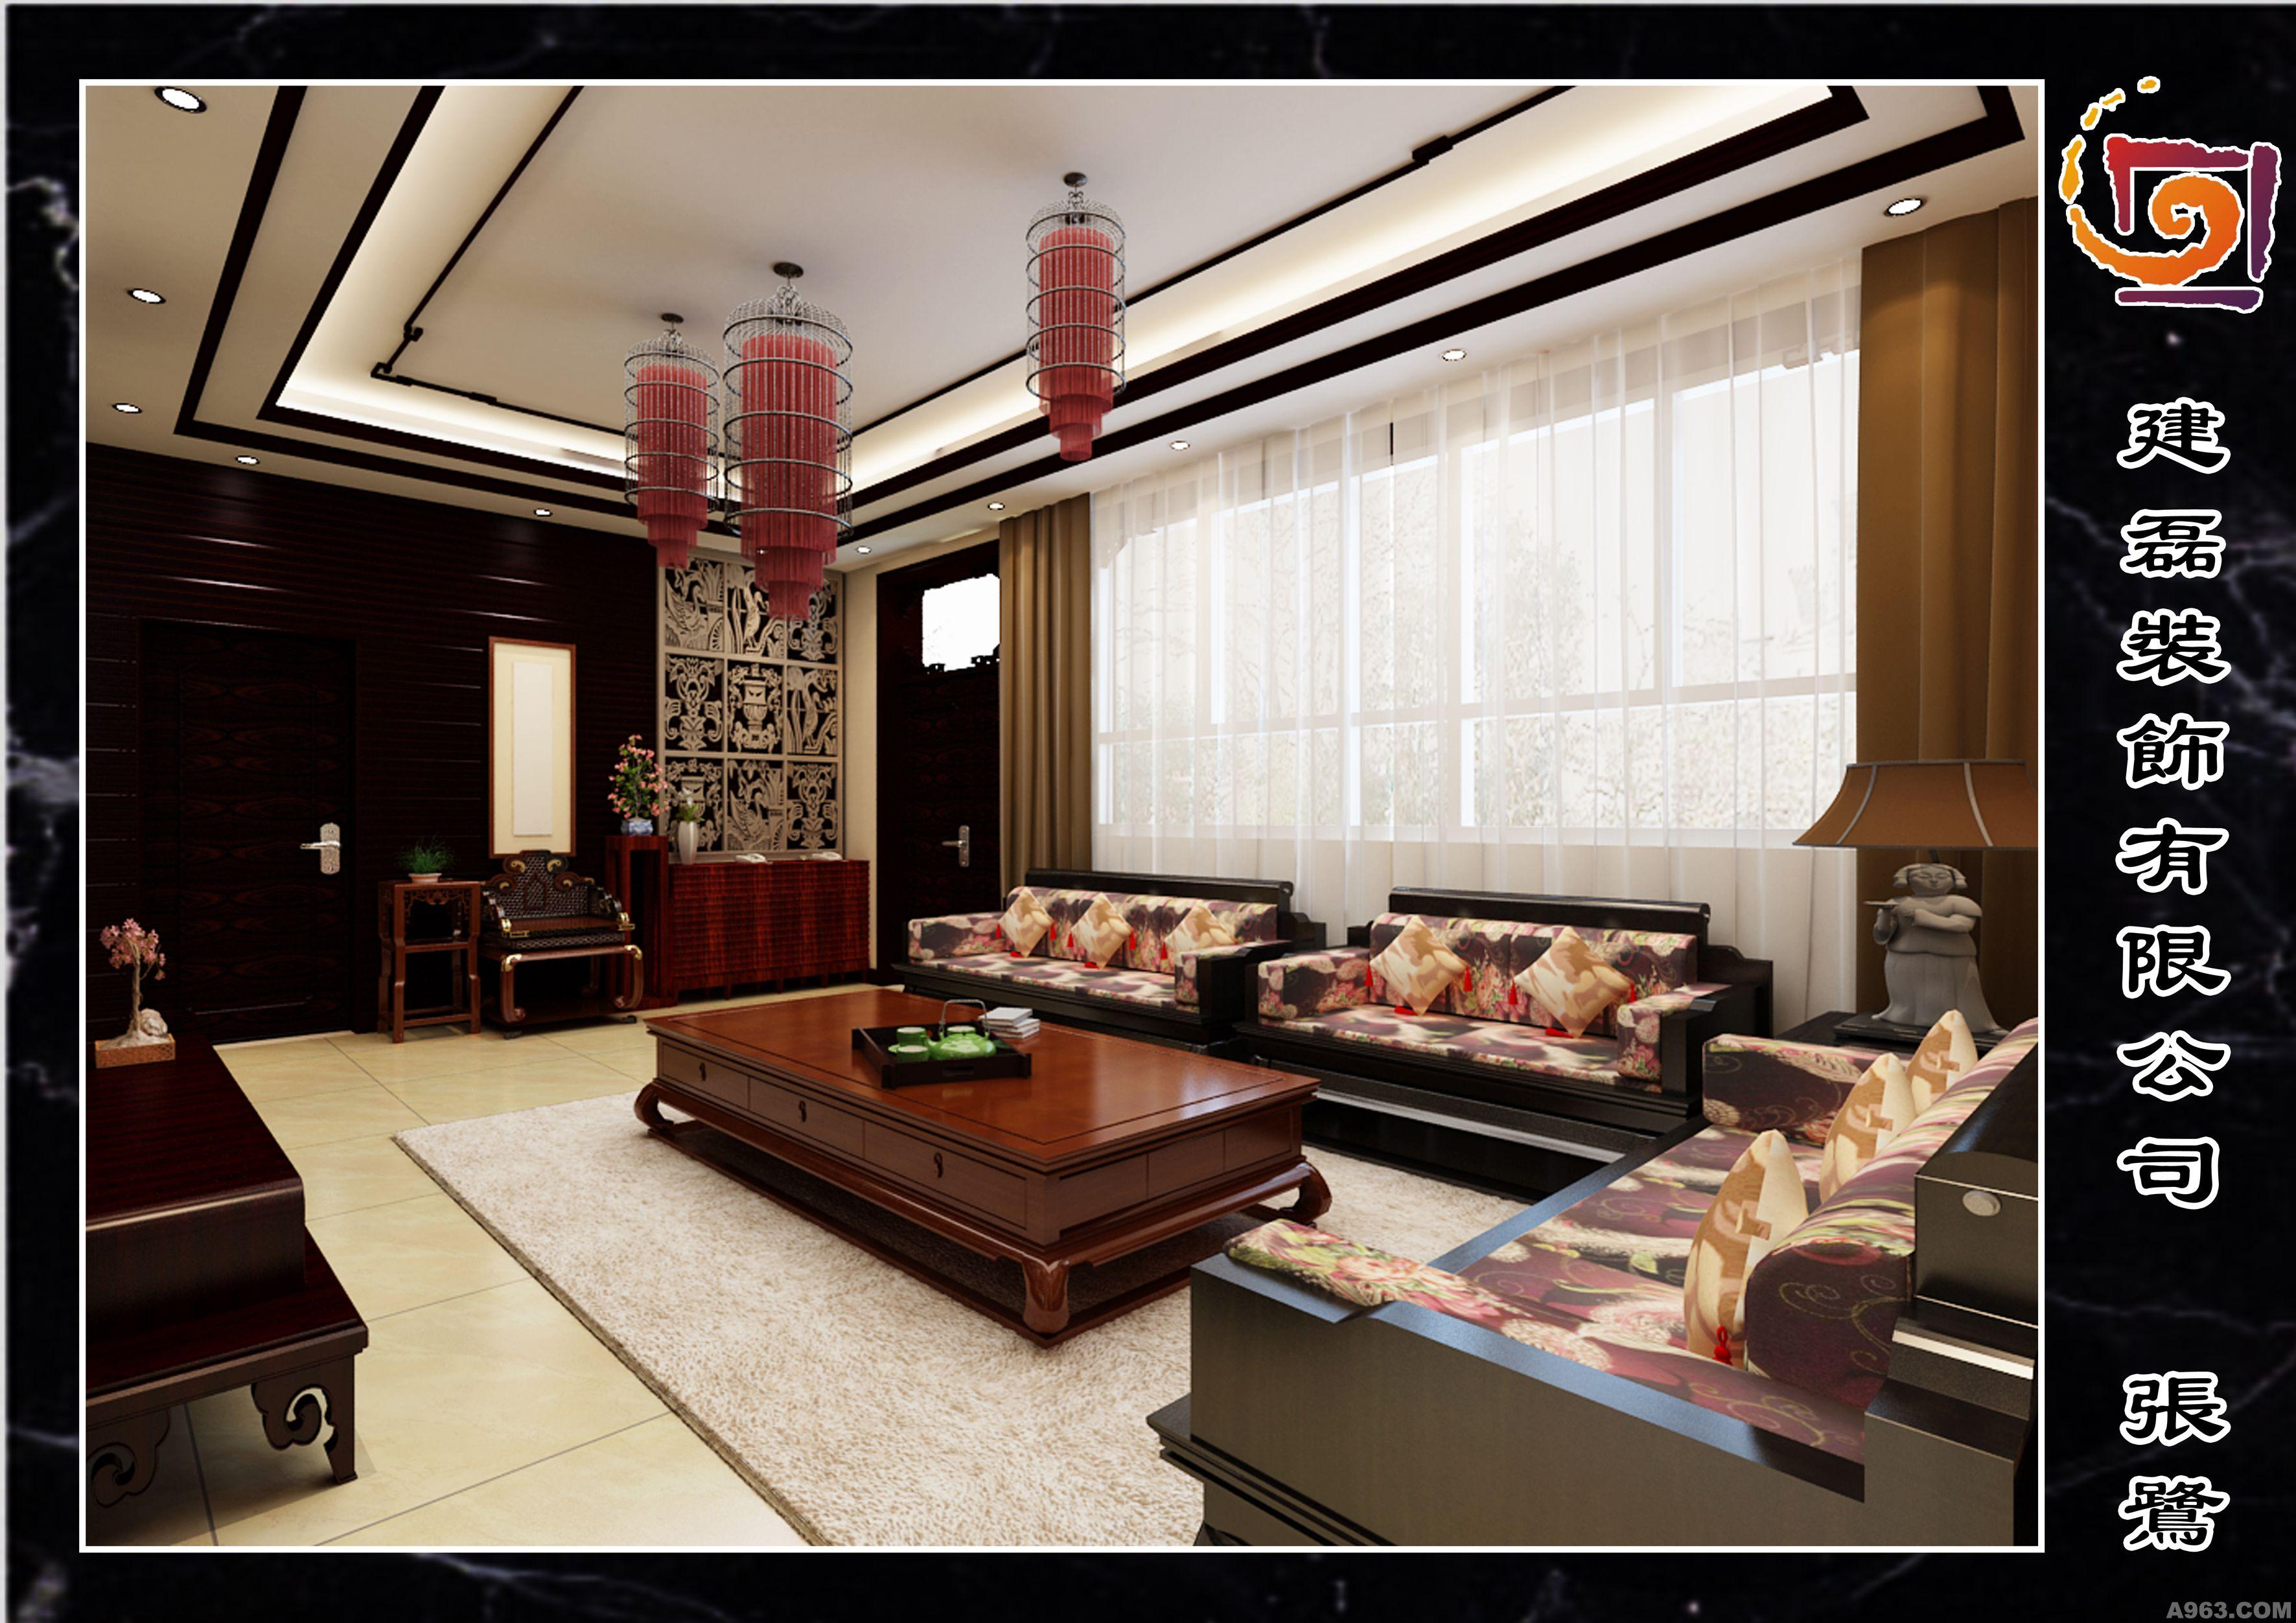 中式二层 - 别墅豪宅 - 中华室内设计网_中华室内设计